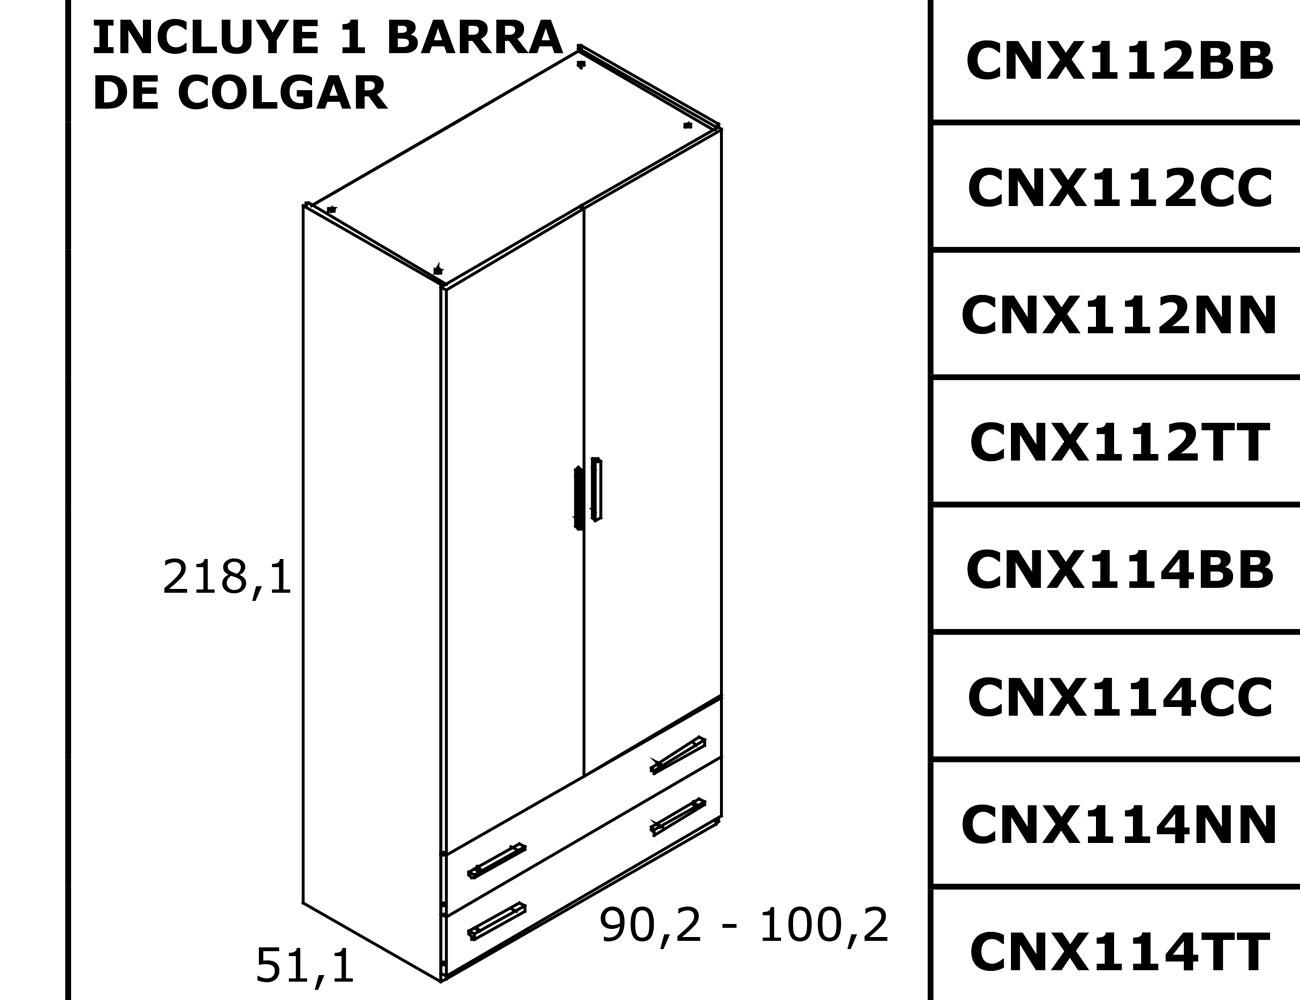 Cnx112